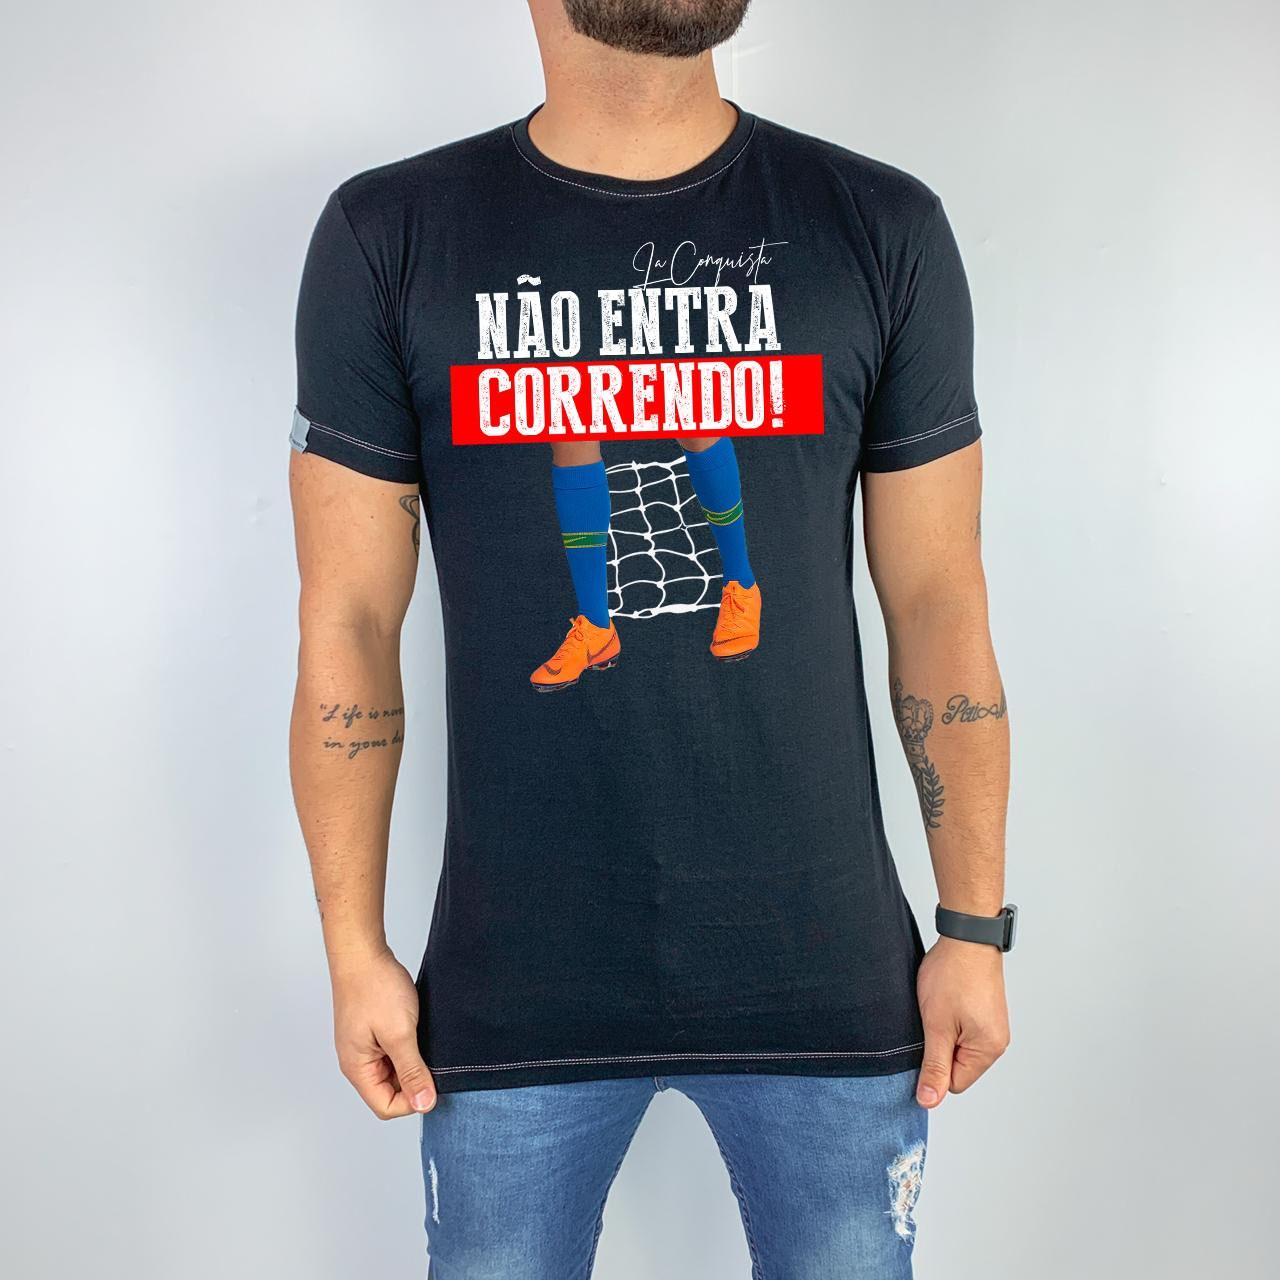 Camiseta Não entra correndo